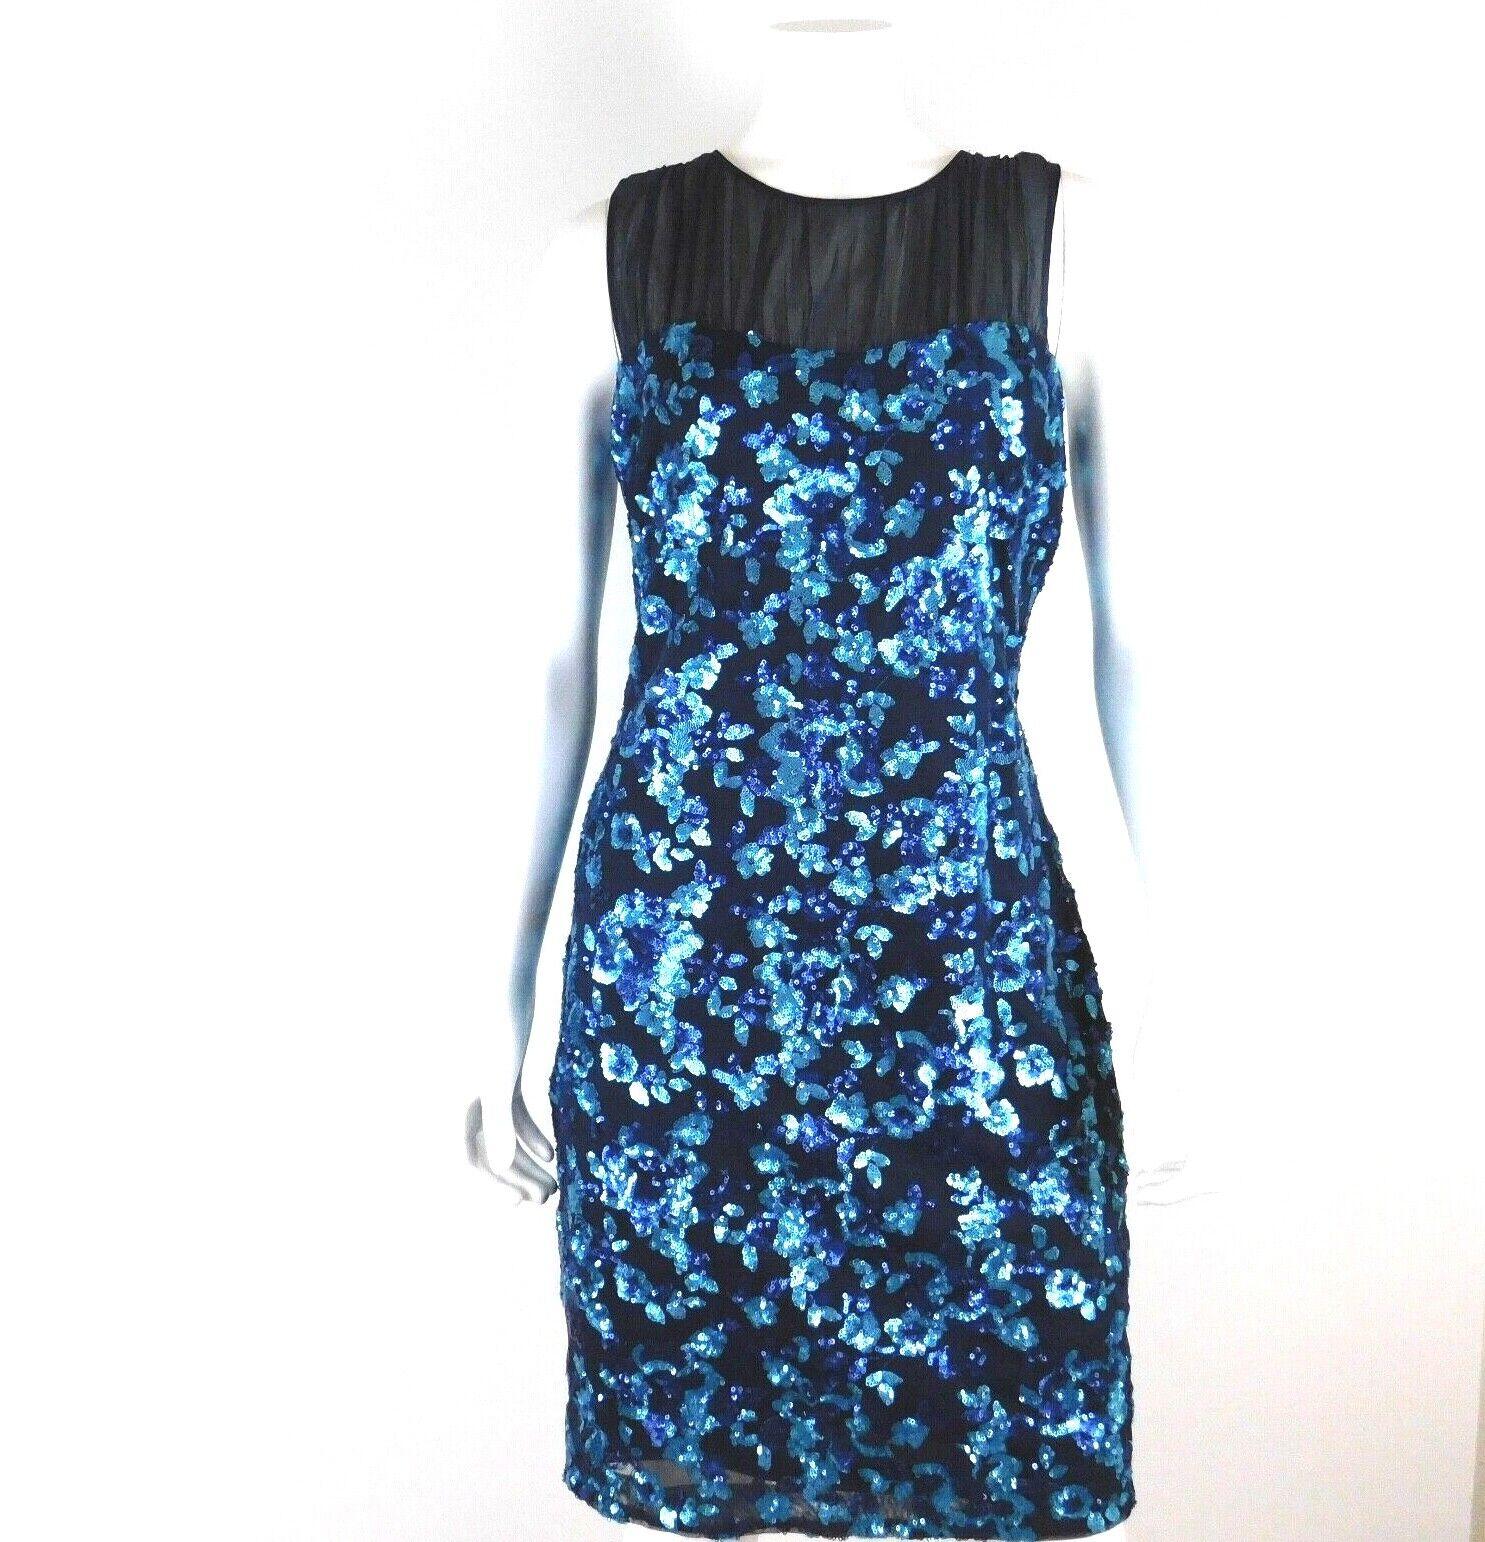 Belle Badgley Mischka Navy Blau Sequin Mesh Floral Sleeveless Party Dress Größe 8